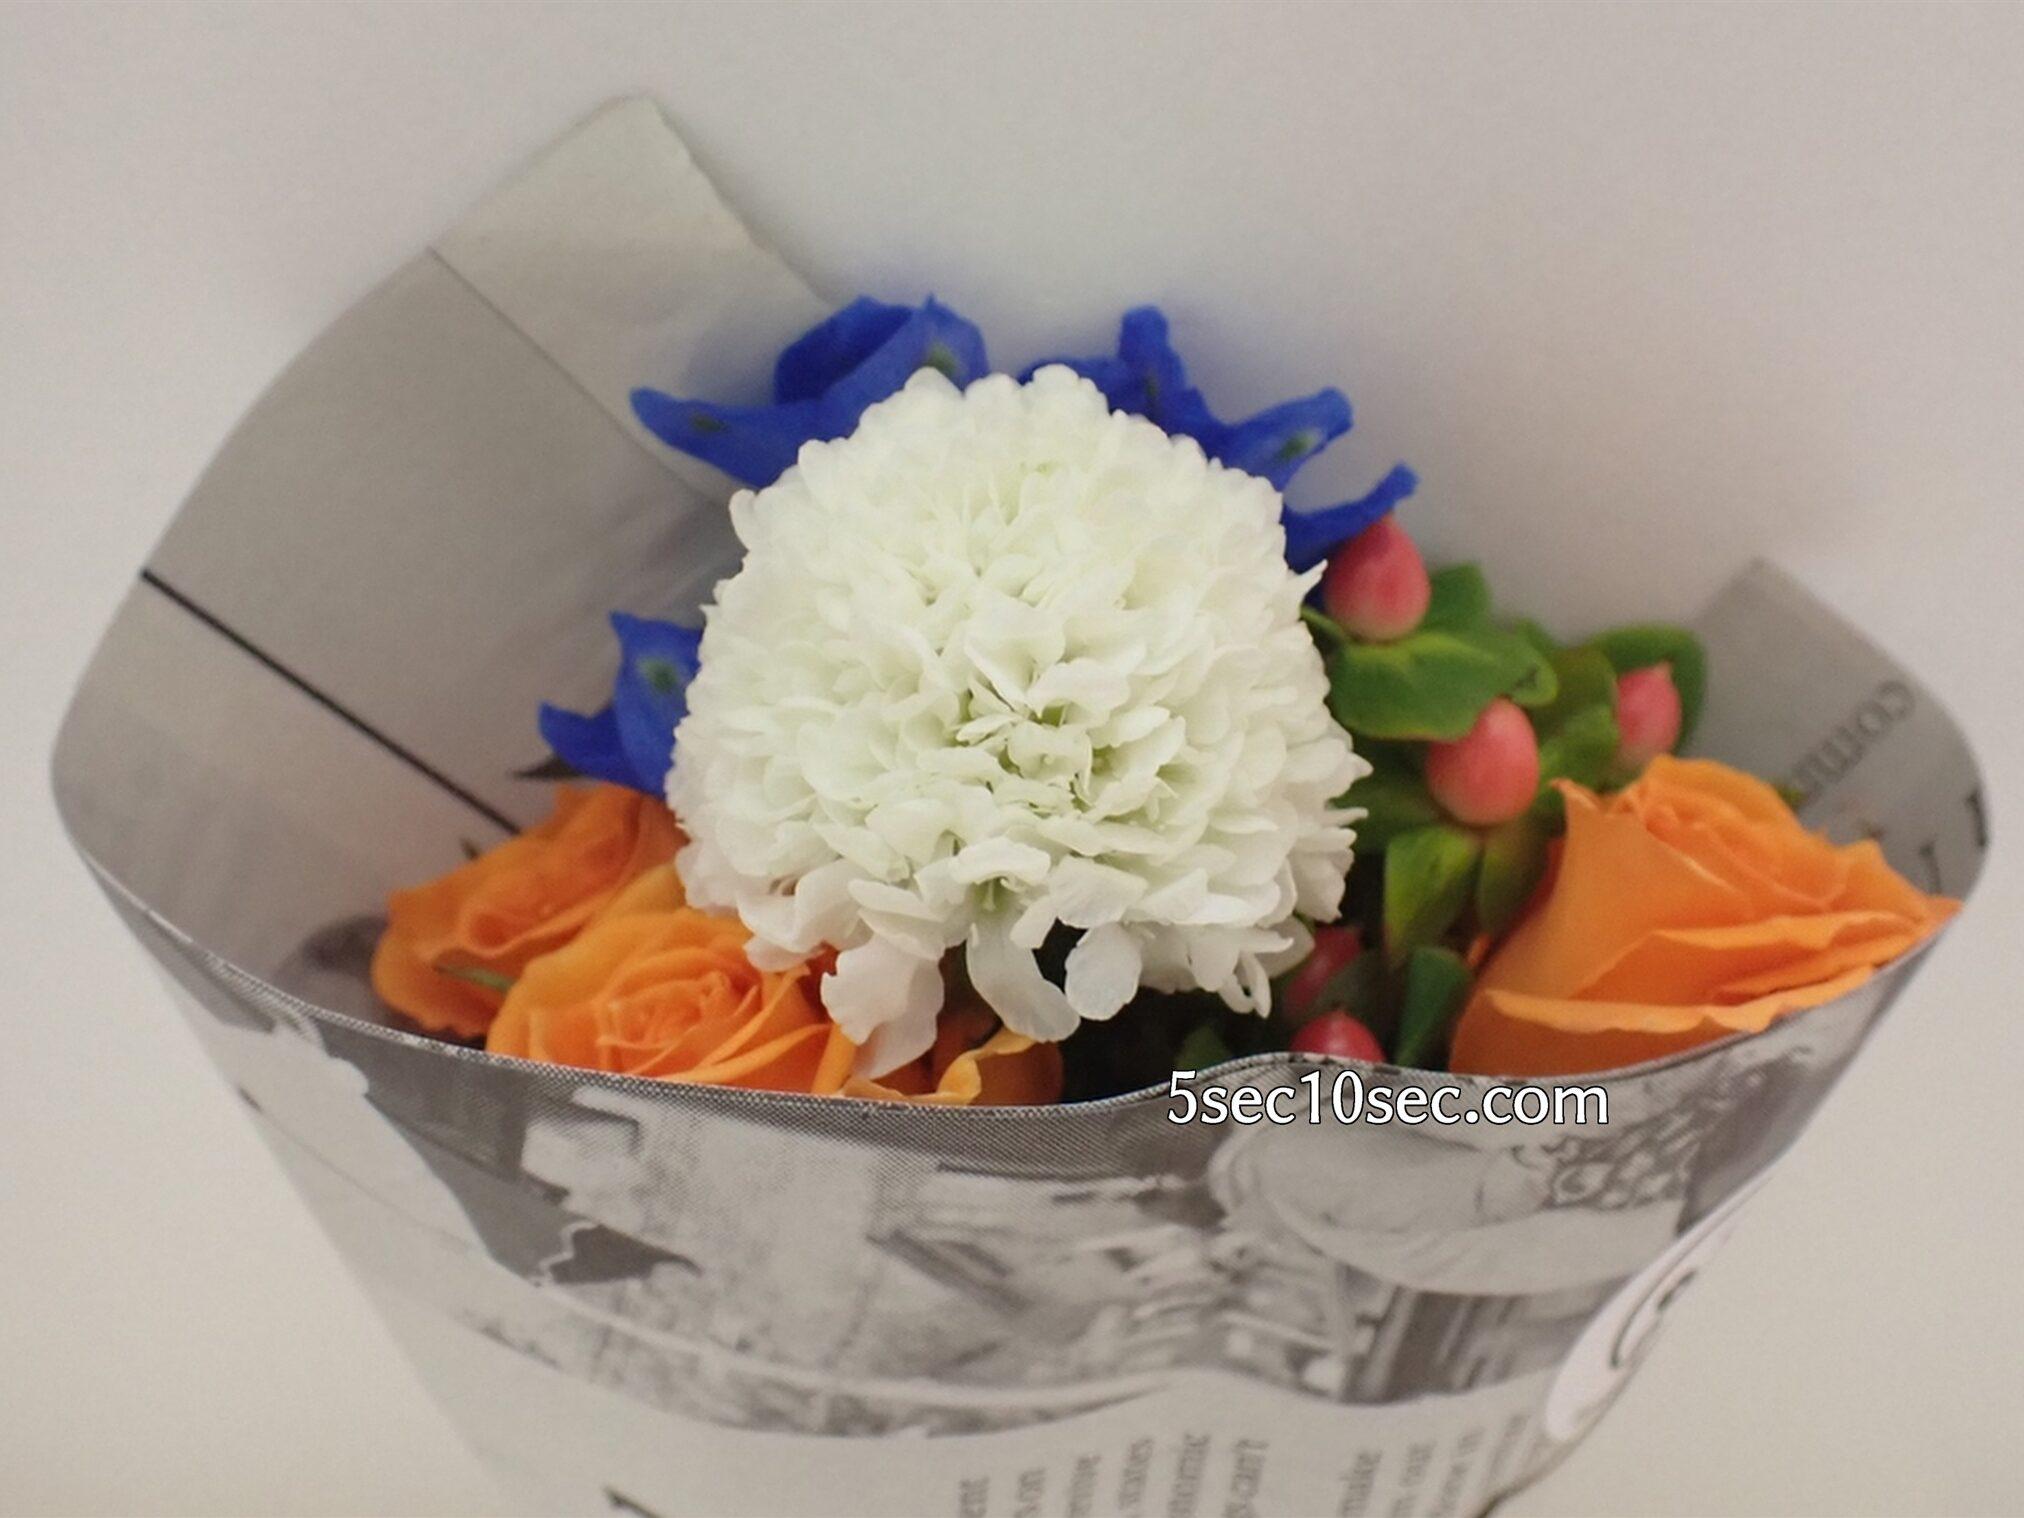 Bloomee LIFE(ブルーミーライフ)レギュラープラン 今週のお花をパッケージから開ける瞬間が楽しい